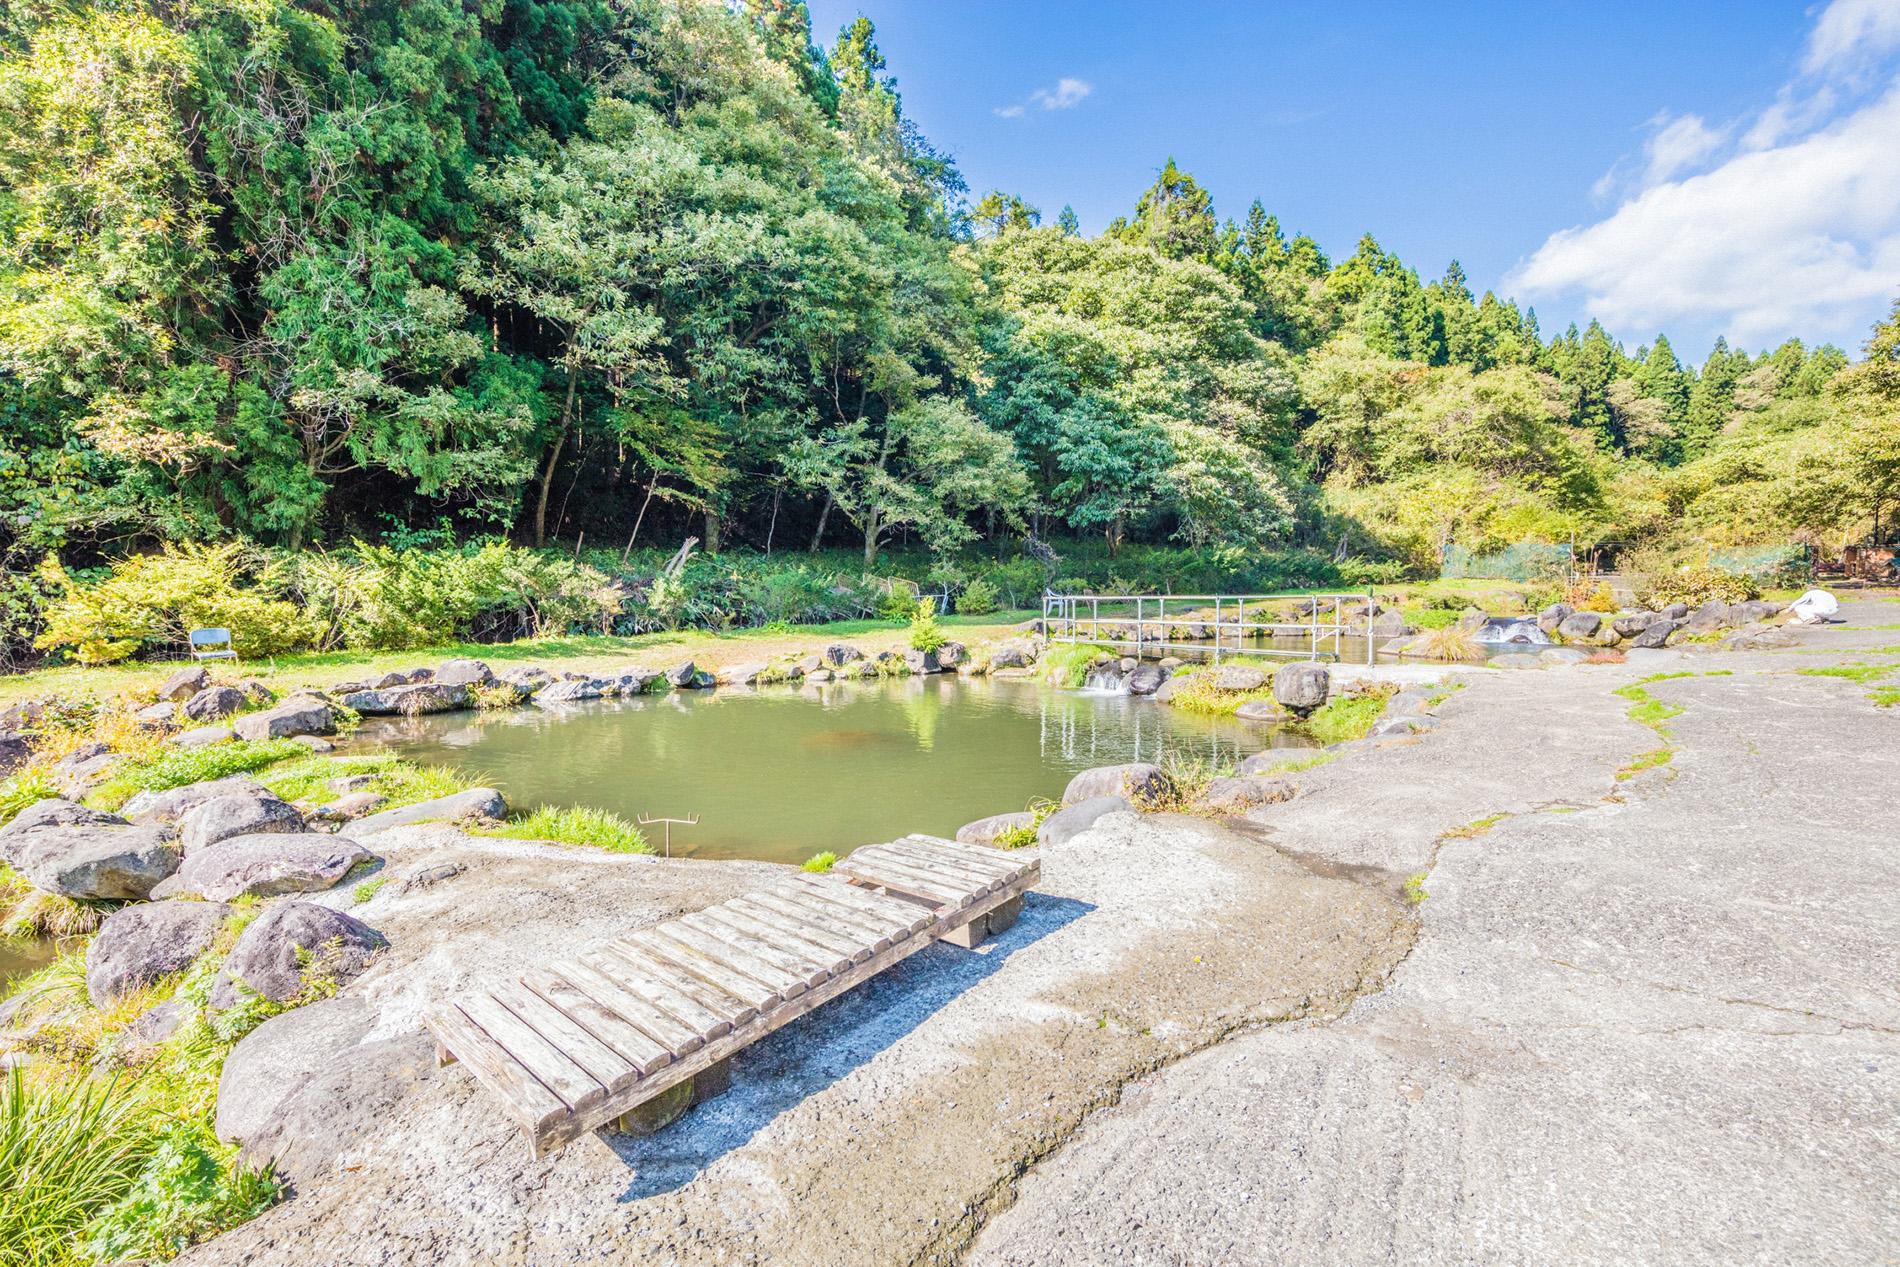 Ohtaki Mountain Stream Fishing Pond